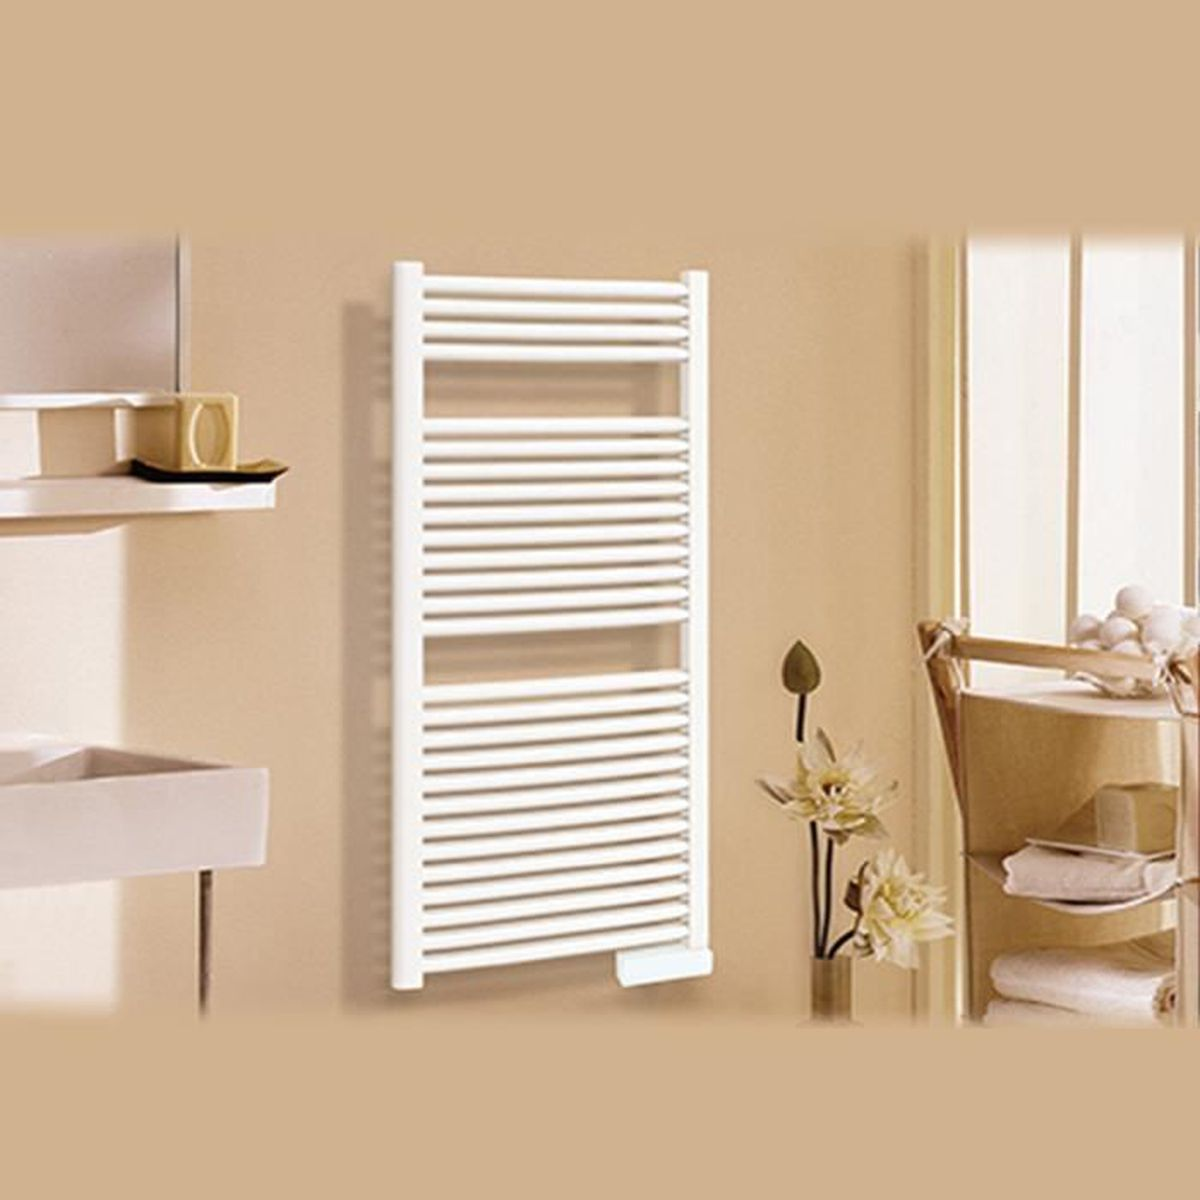 radiateur oleron 2 s che serviette 500w noirot achat vente radiateur panneau. Black Bedroom Furniture Sets. Home Design Ideas